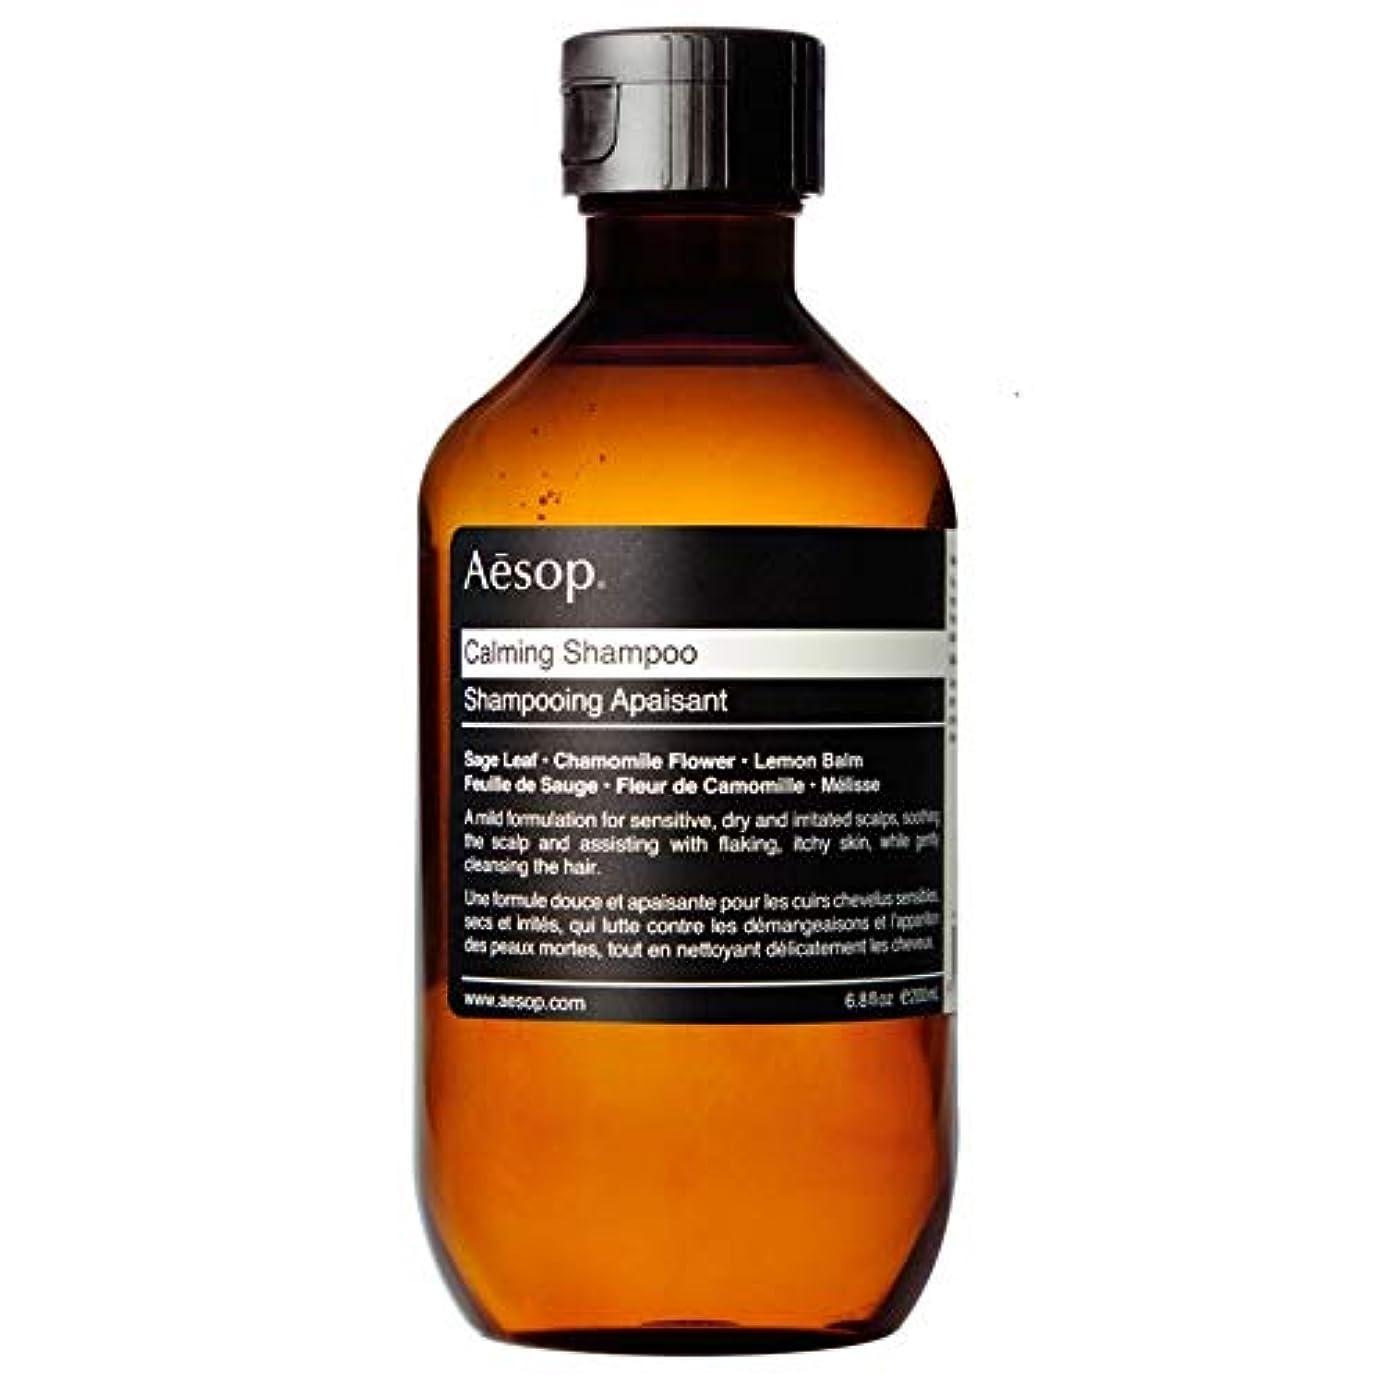 地上でファンタジー時系列[Aesop] イソップ心を落ち着かせるシャンプー200ミリリットル - Aesop Calming Shampoo 200ml [並行輸入品]